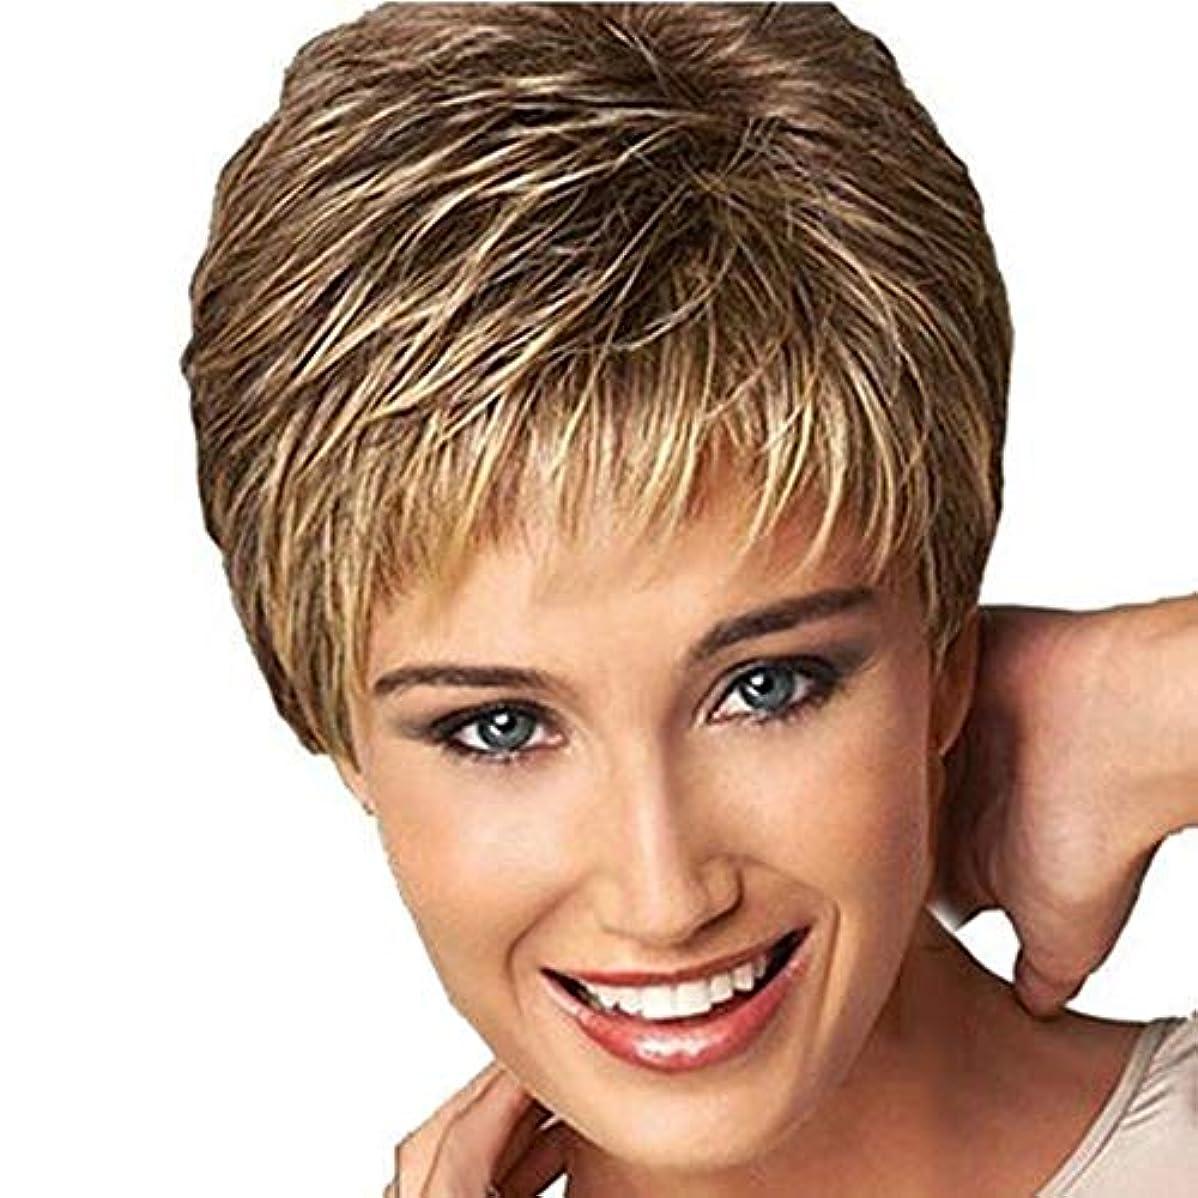 開梱多用途デマンド美しさ 3ピースヘアケアかつらスタンド耐熱繊維かつら短い散髪カーリーカラーグラデーションかつらファッション ヘア&シェービング